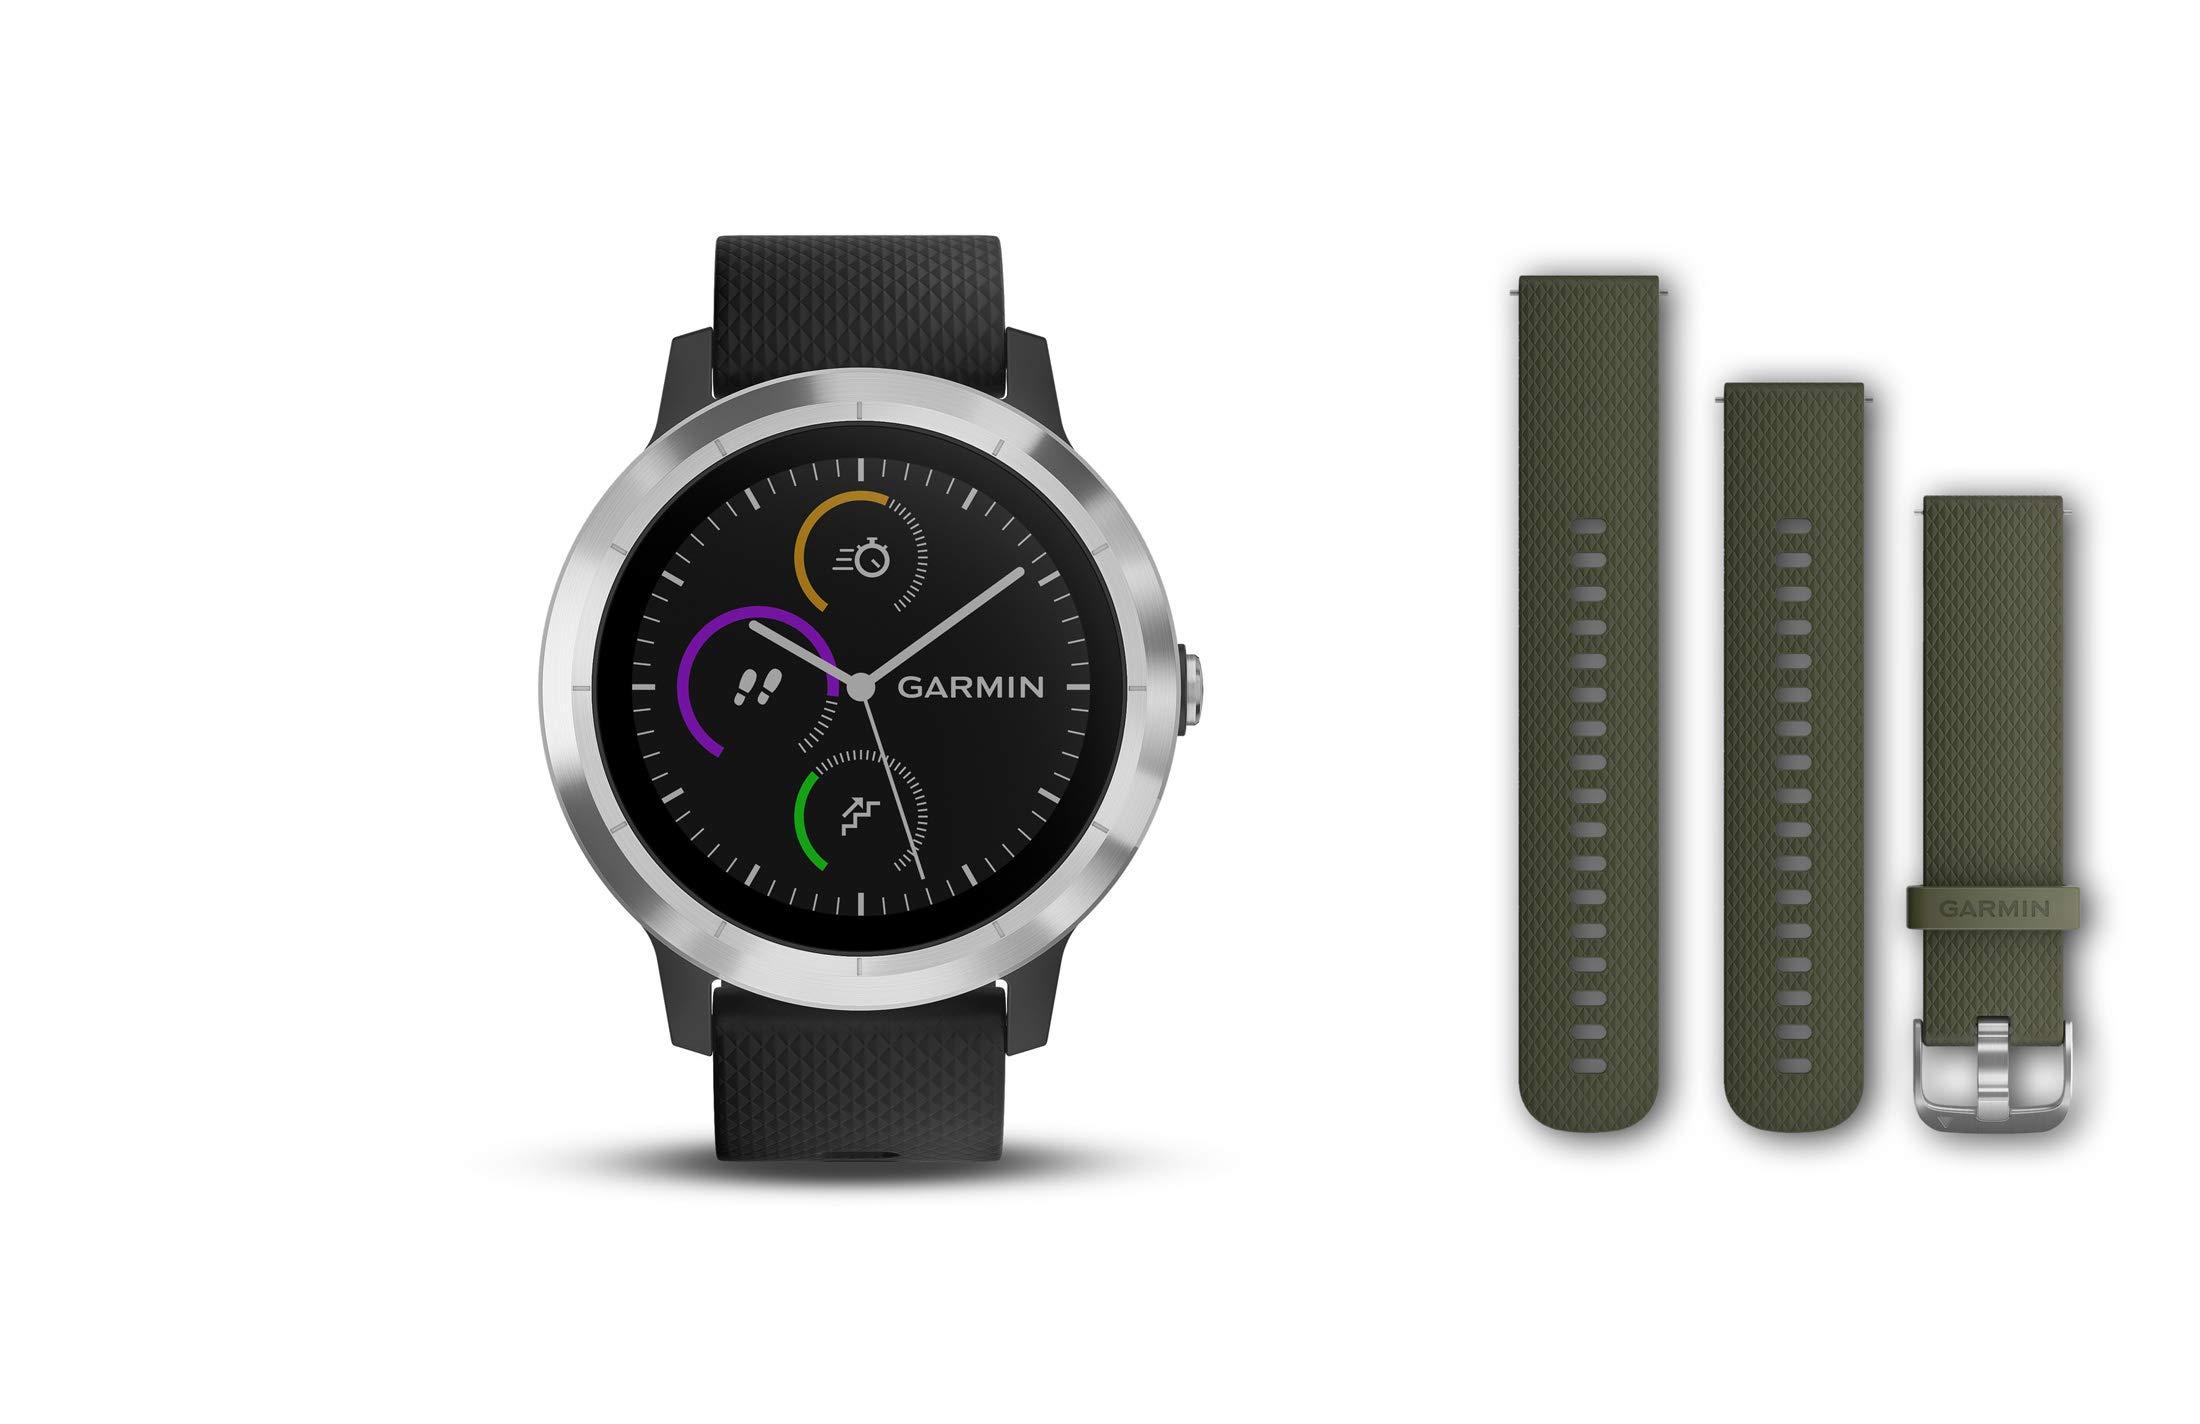 Garmin vivoactive 3 Smartwatch GPS con profili sport, cardio al polso, schermo touch a colori e pagamento contactless - Nero Silver, con cinturino Nero e Verde product image